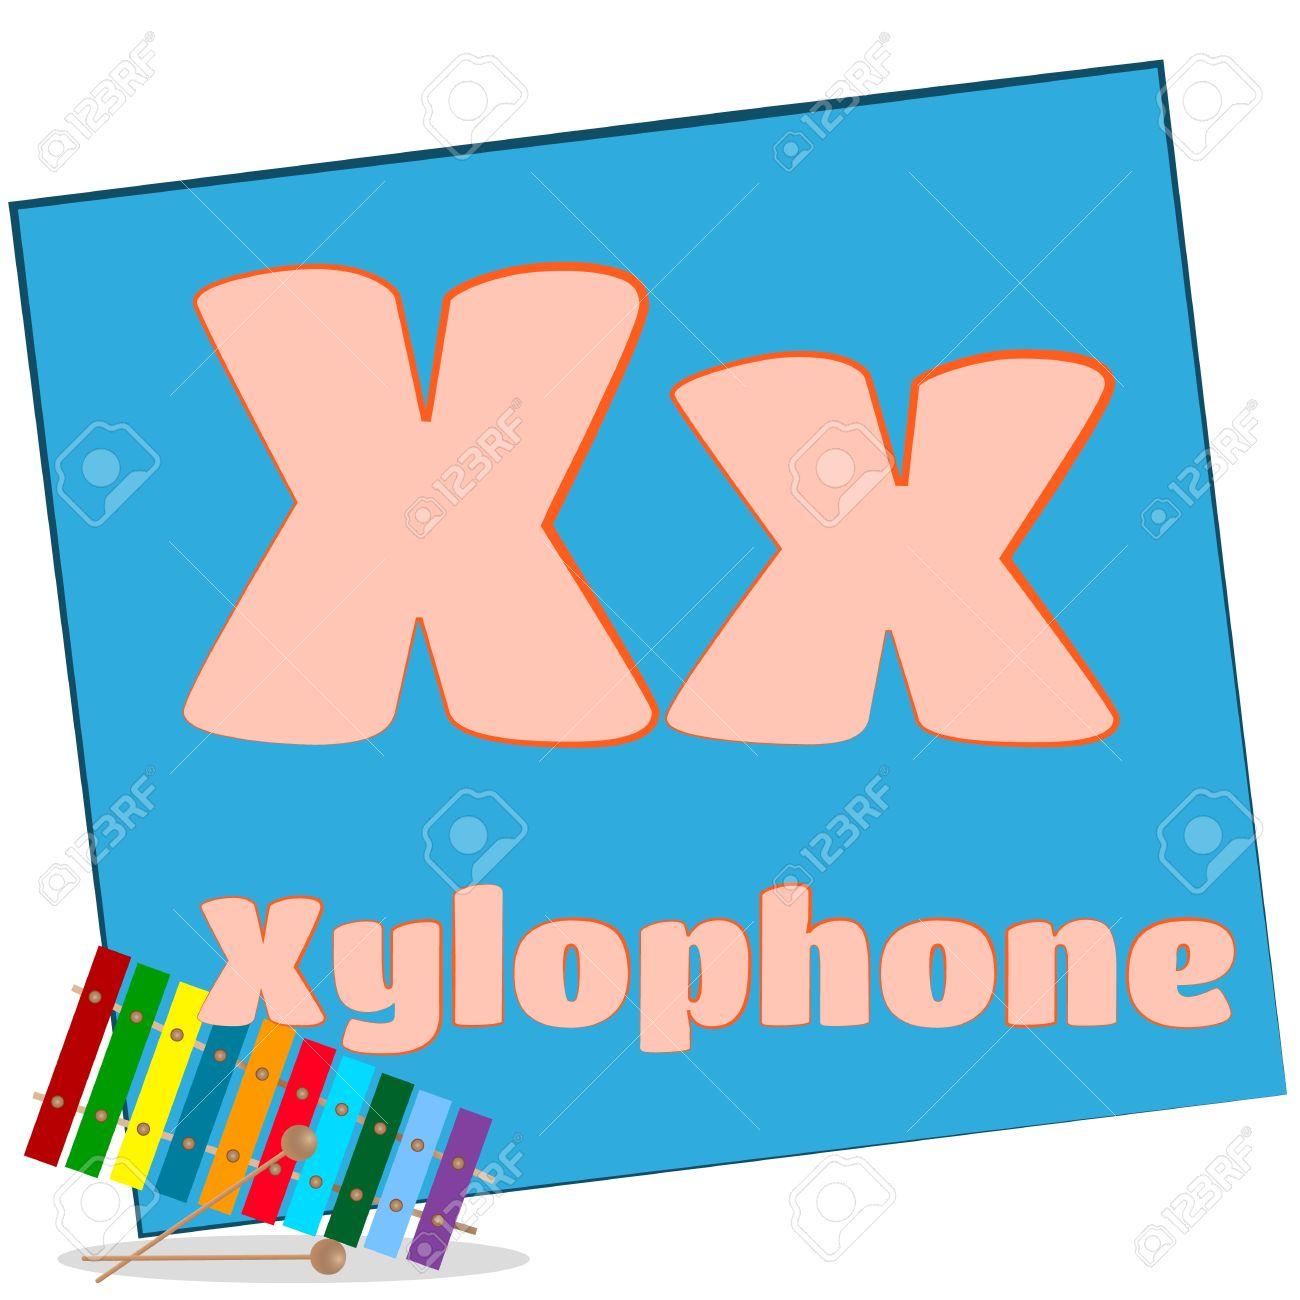 それぞれで始まる単語と X 木琴カラフルなアルファベット文字や彼らのイメージ 写真